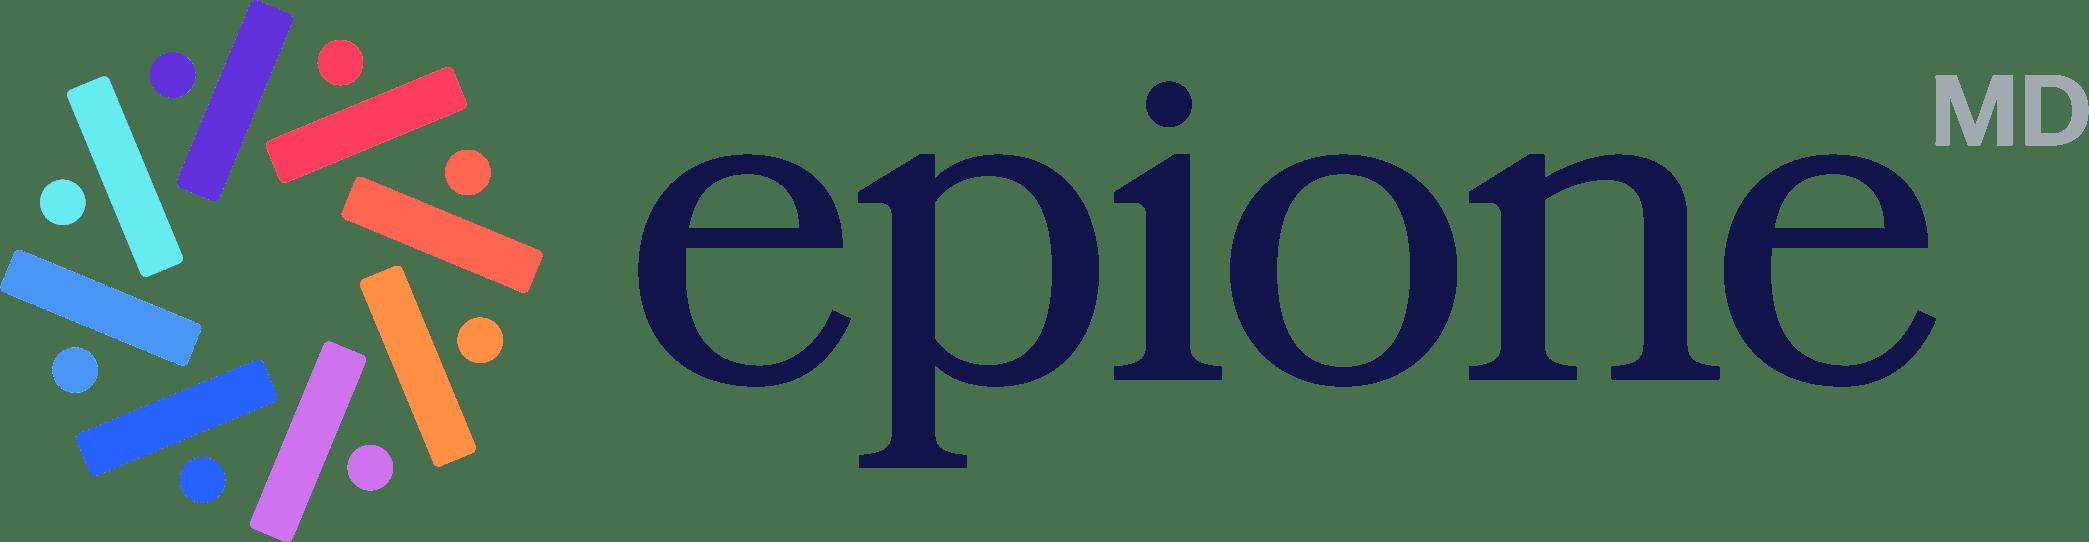 EpioneMD TelePalliative Care